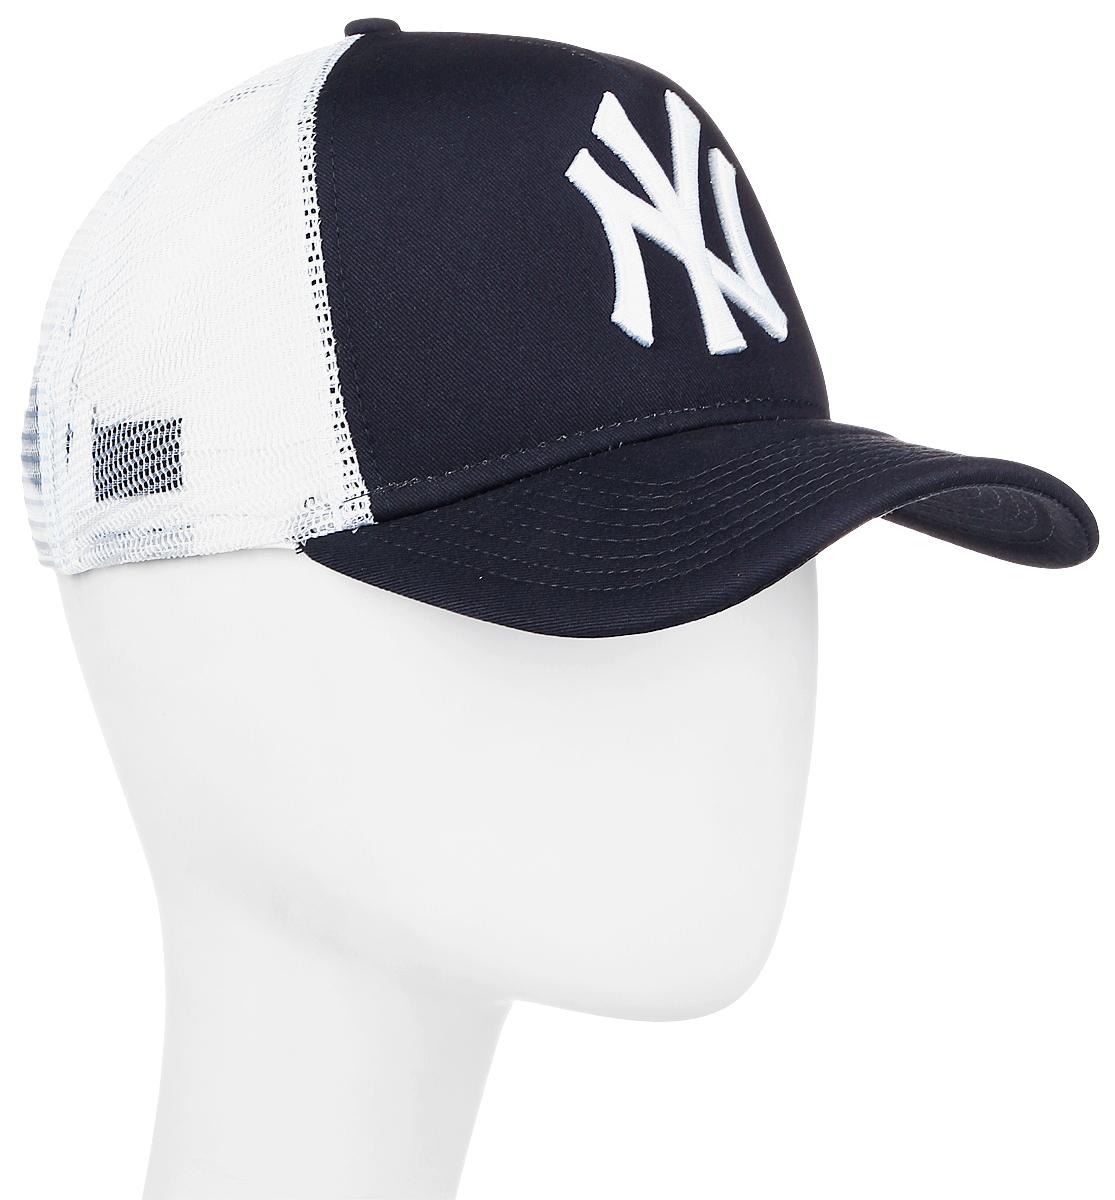 Купить Бейсболка New Era Mlb Clean Trucker, цвет: черный, белый. 10531936-NVY. Размер универсальный